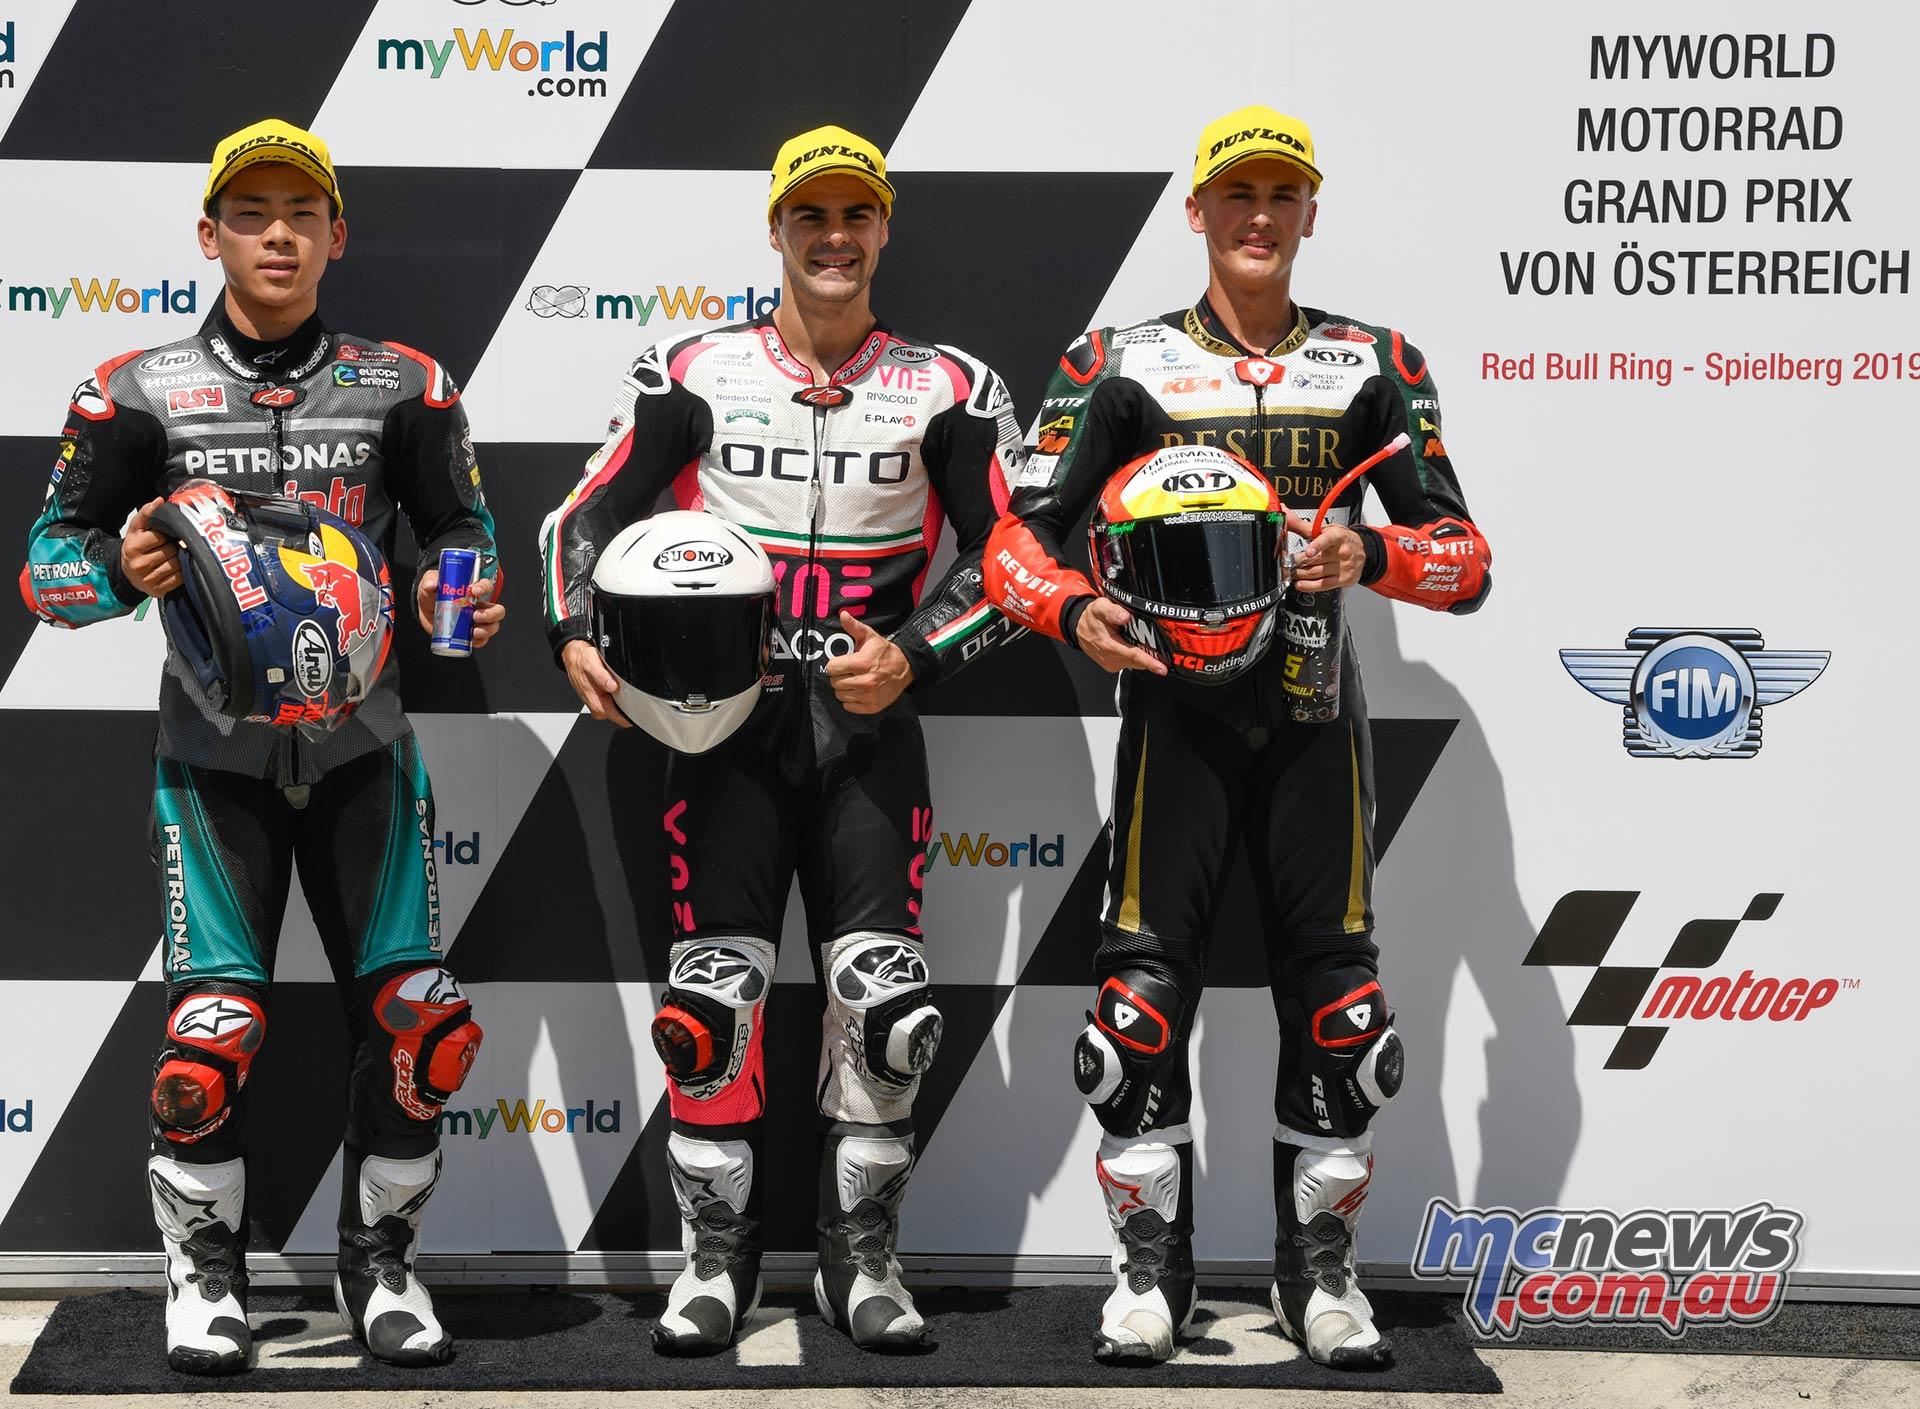 MotoGP Rnd Austria QP Moto Fenati Sasaki Masia